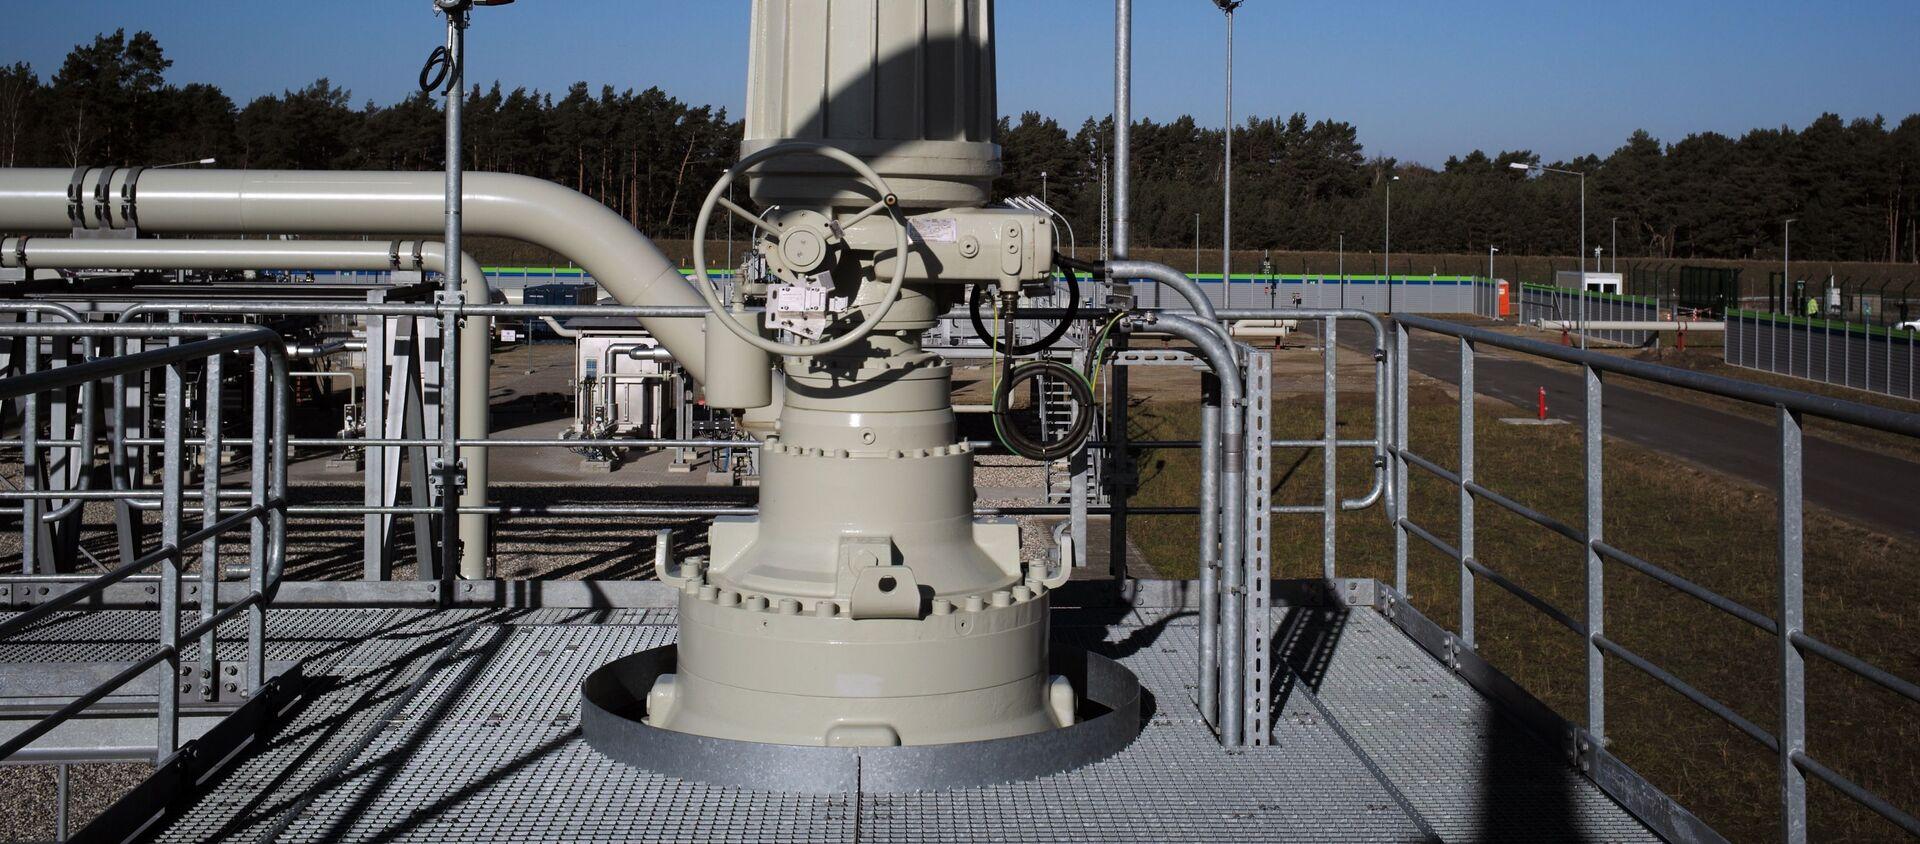 Строительство газопровода Северный поток - 2 в Германии - Sputnik Грузия, 1920, 12.03.2021